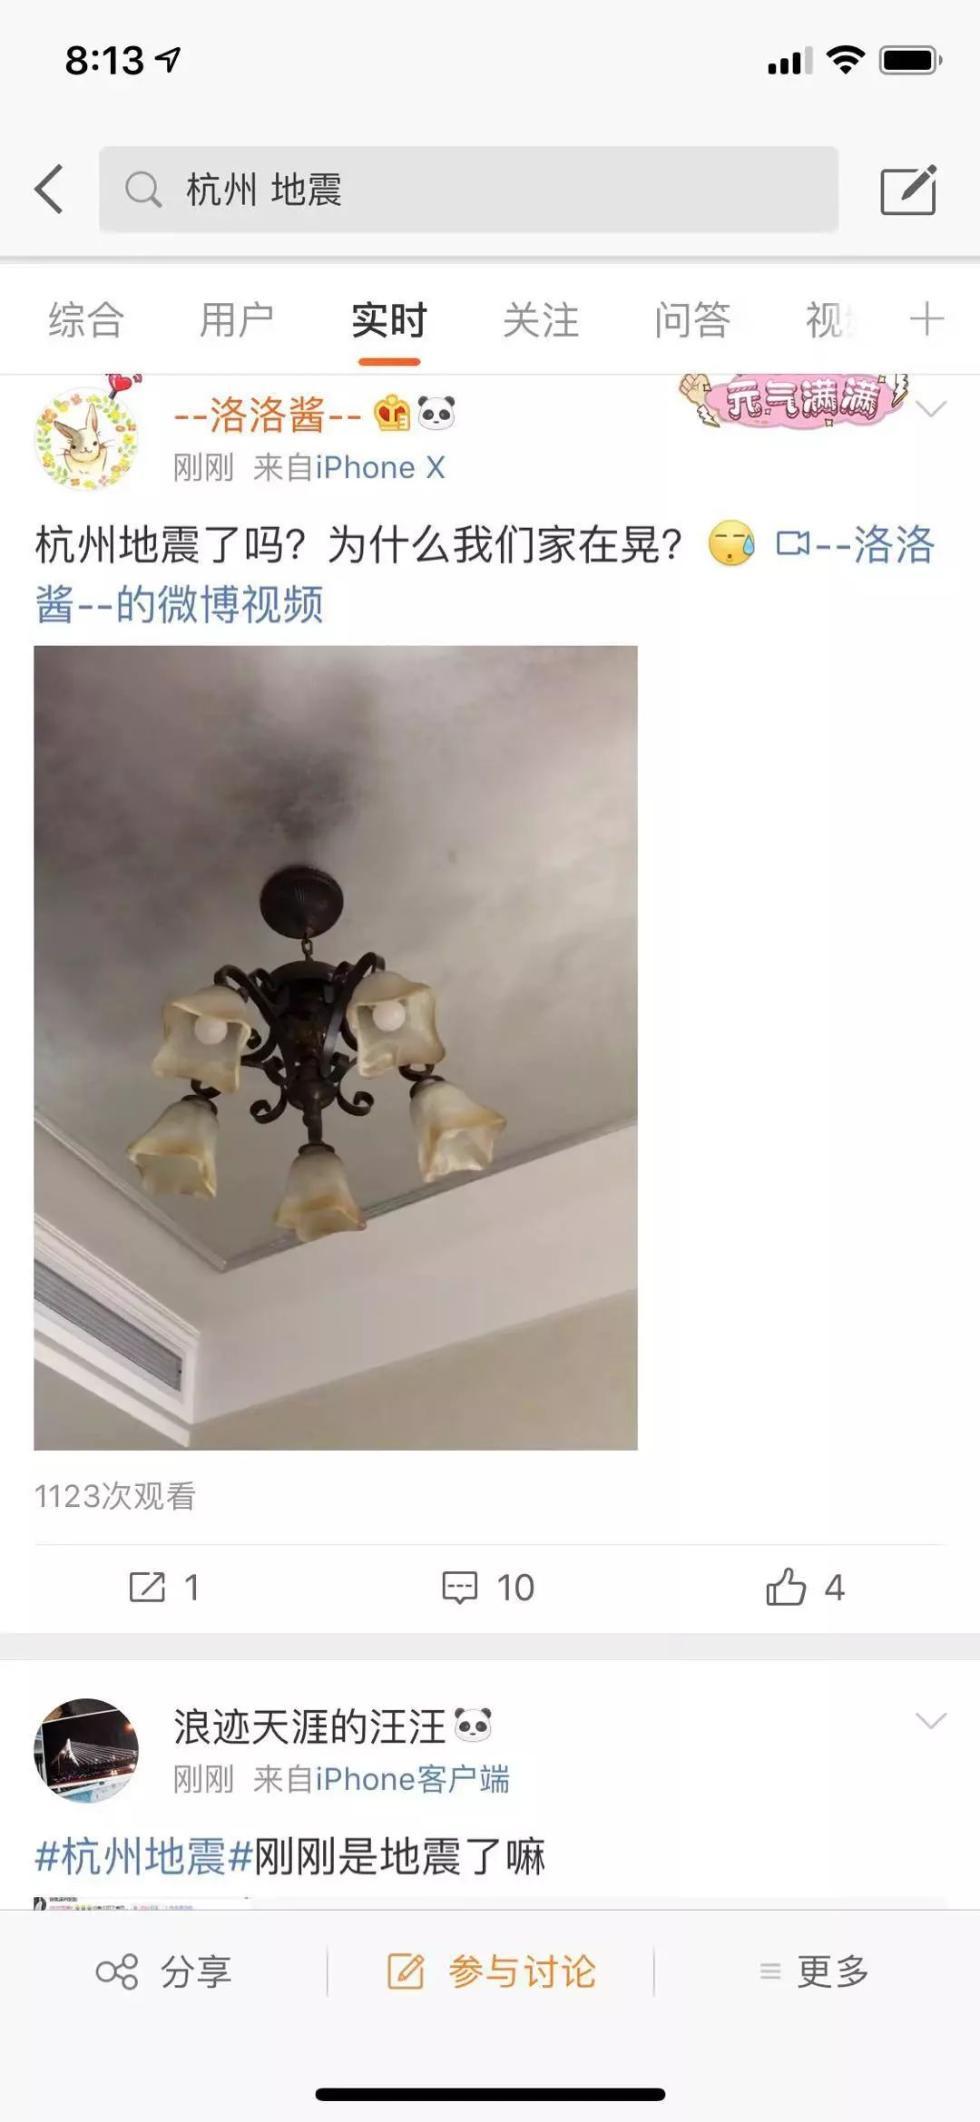 台湾海峡地震,浙江多地有震感_郭亮村旅游攻略